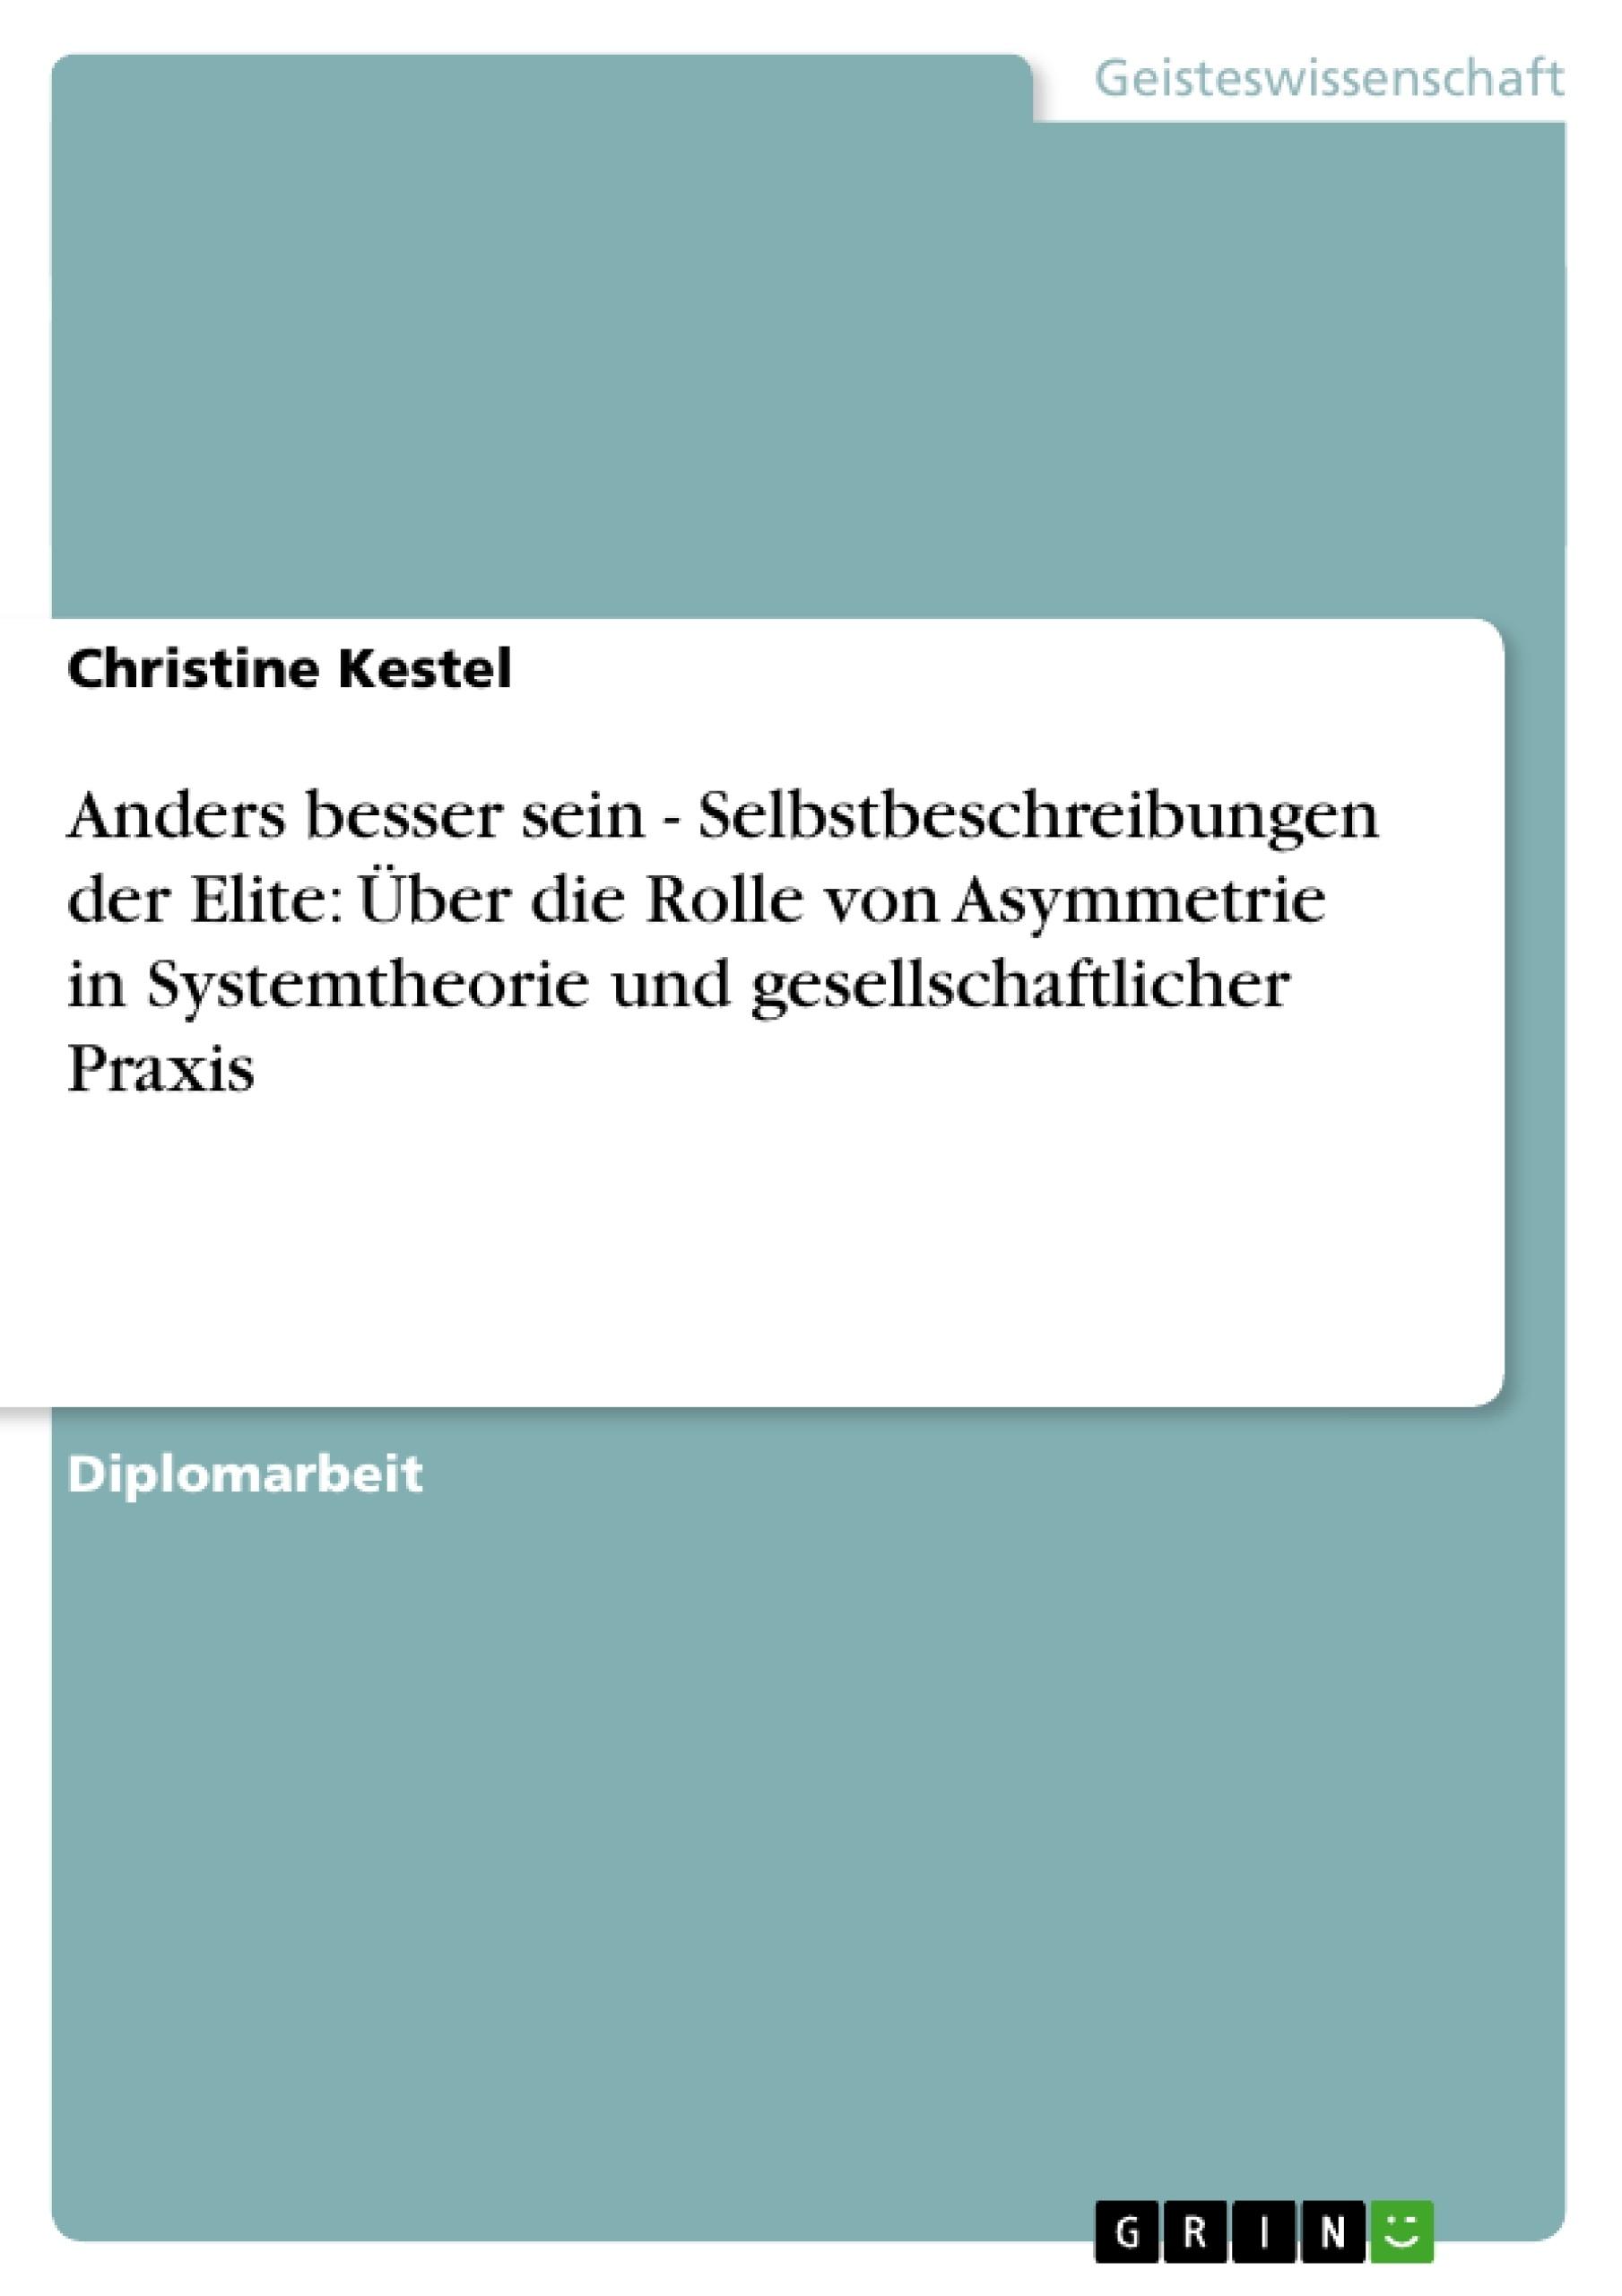 Titel: Anders besser sein - Selbstbeschreibungen der Elite: Über die Rolle von Asymmetrie in Systemtheorie und gesellschaftlicher Praxis